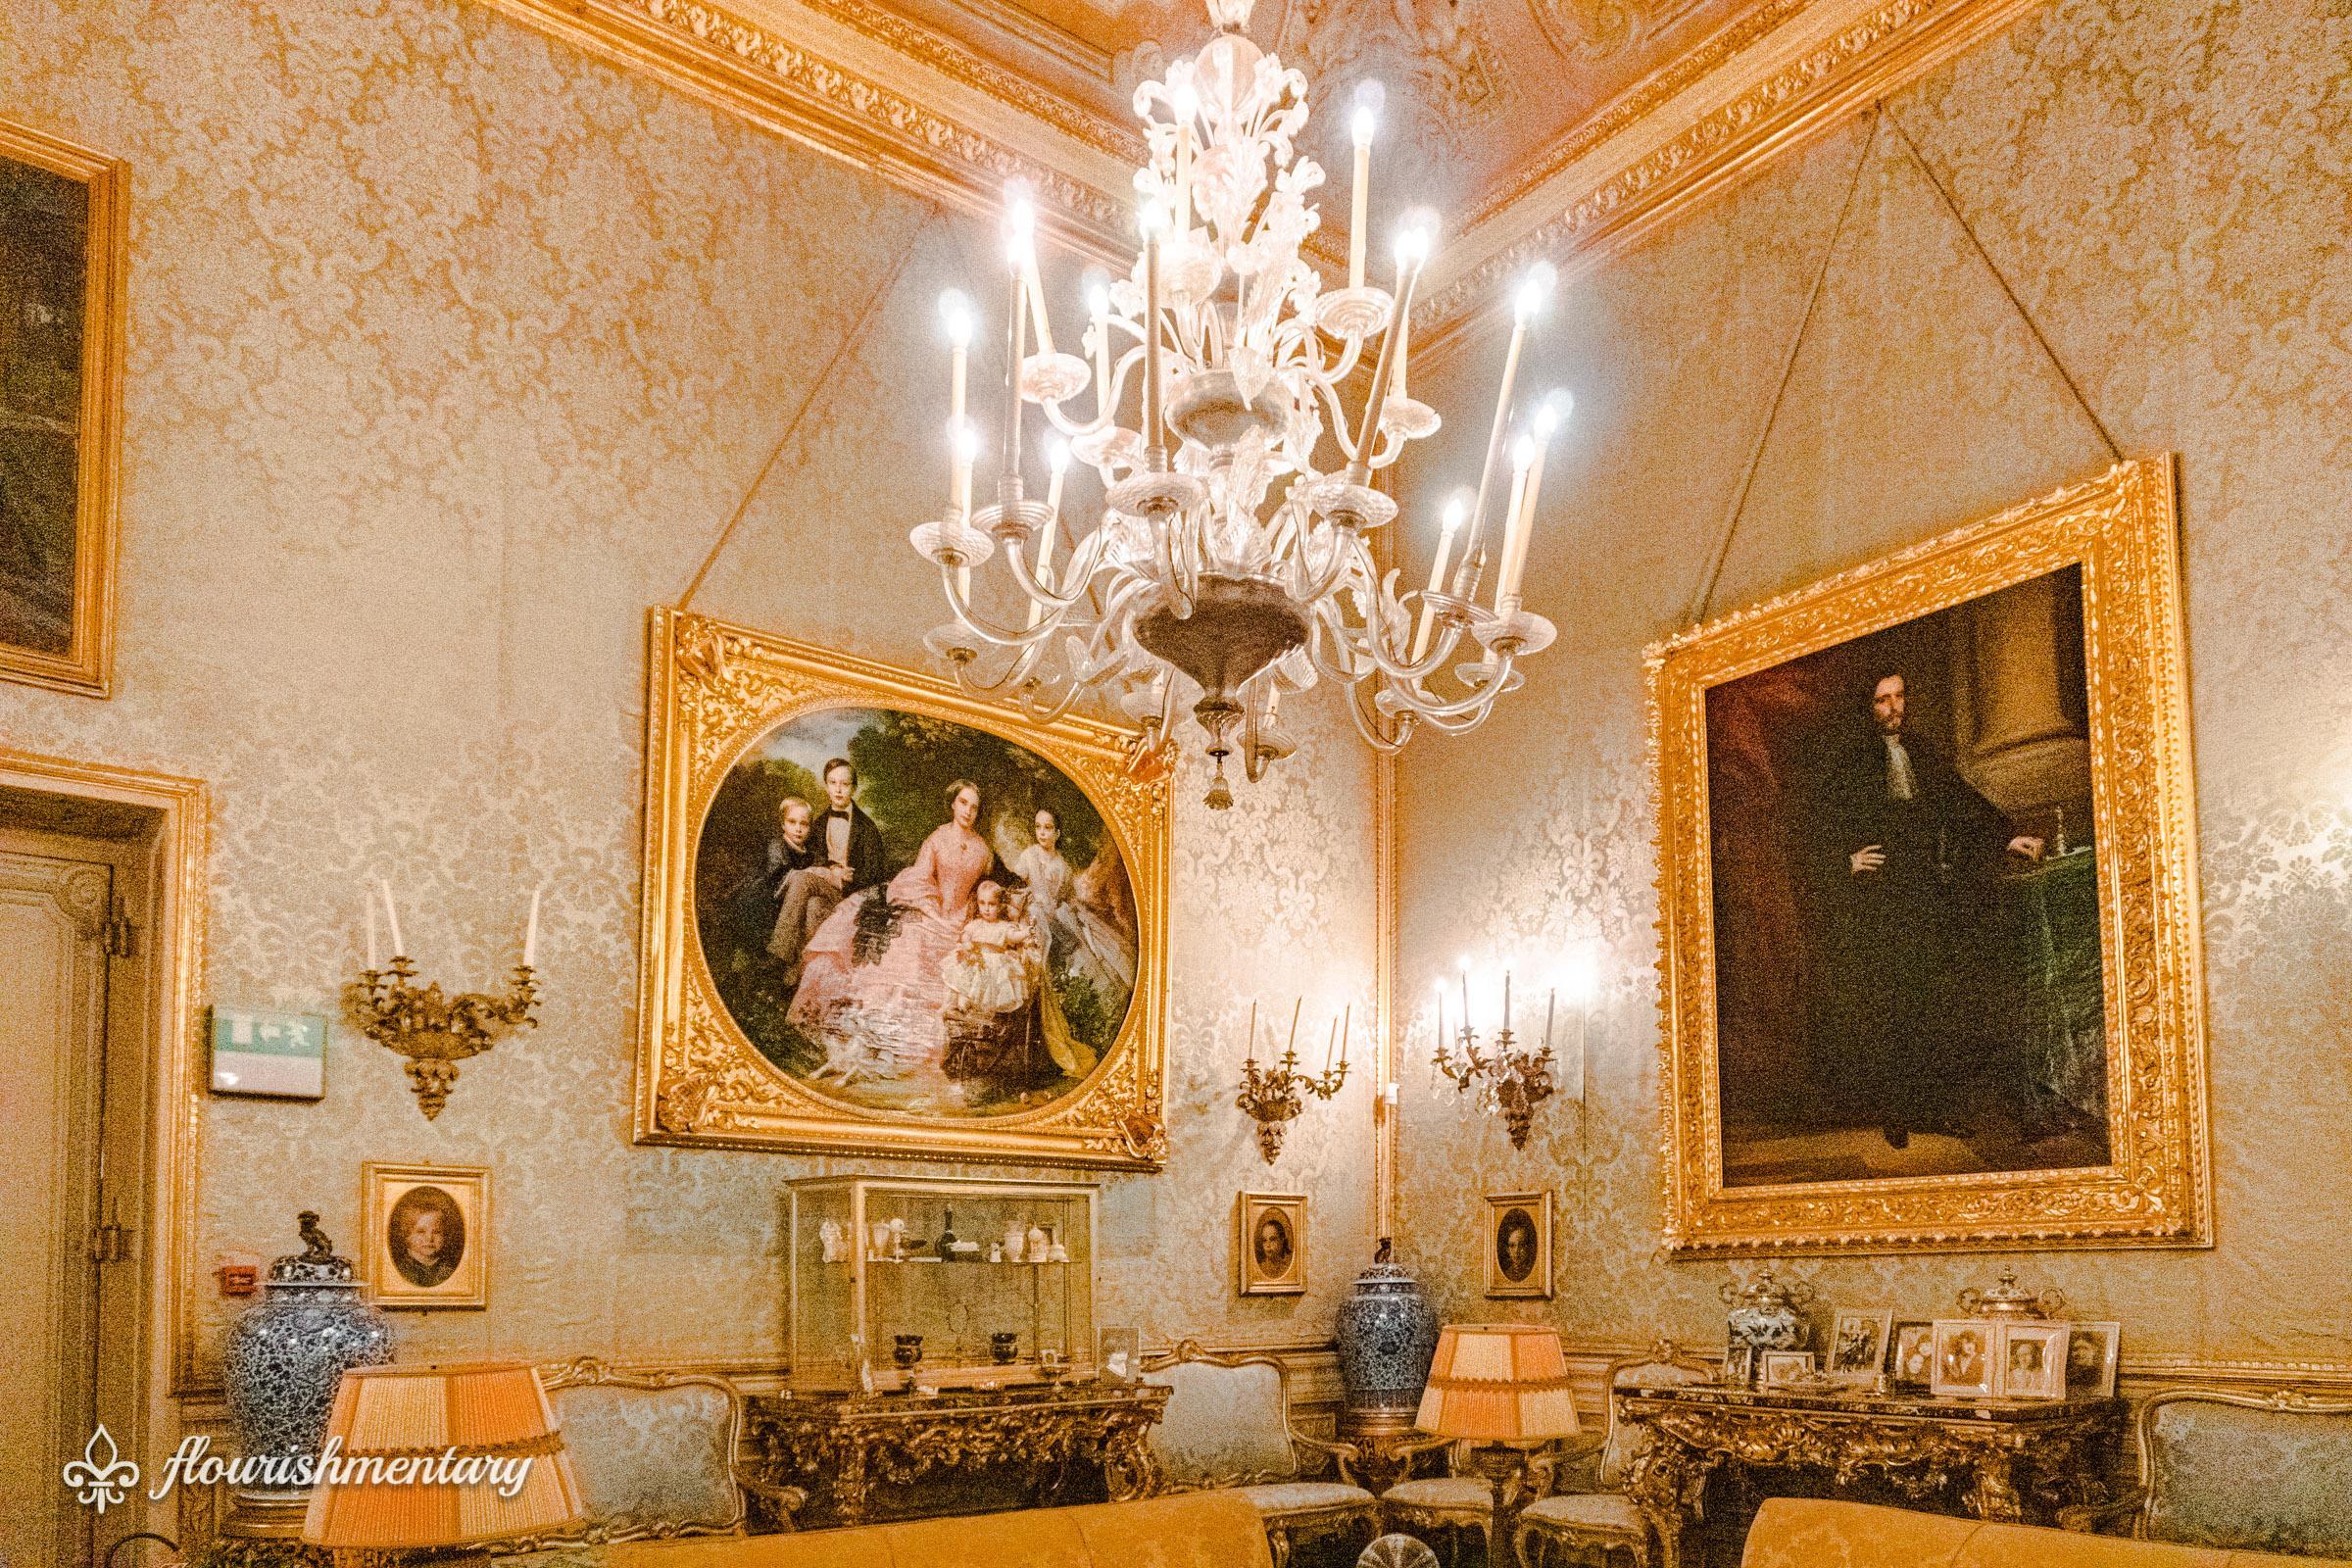 The Blue Room galleria doria pamphilj